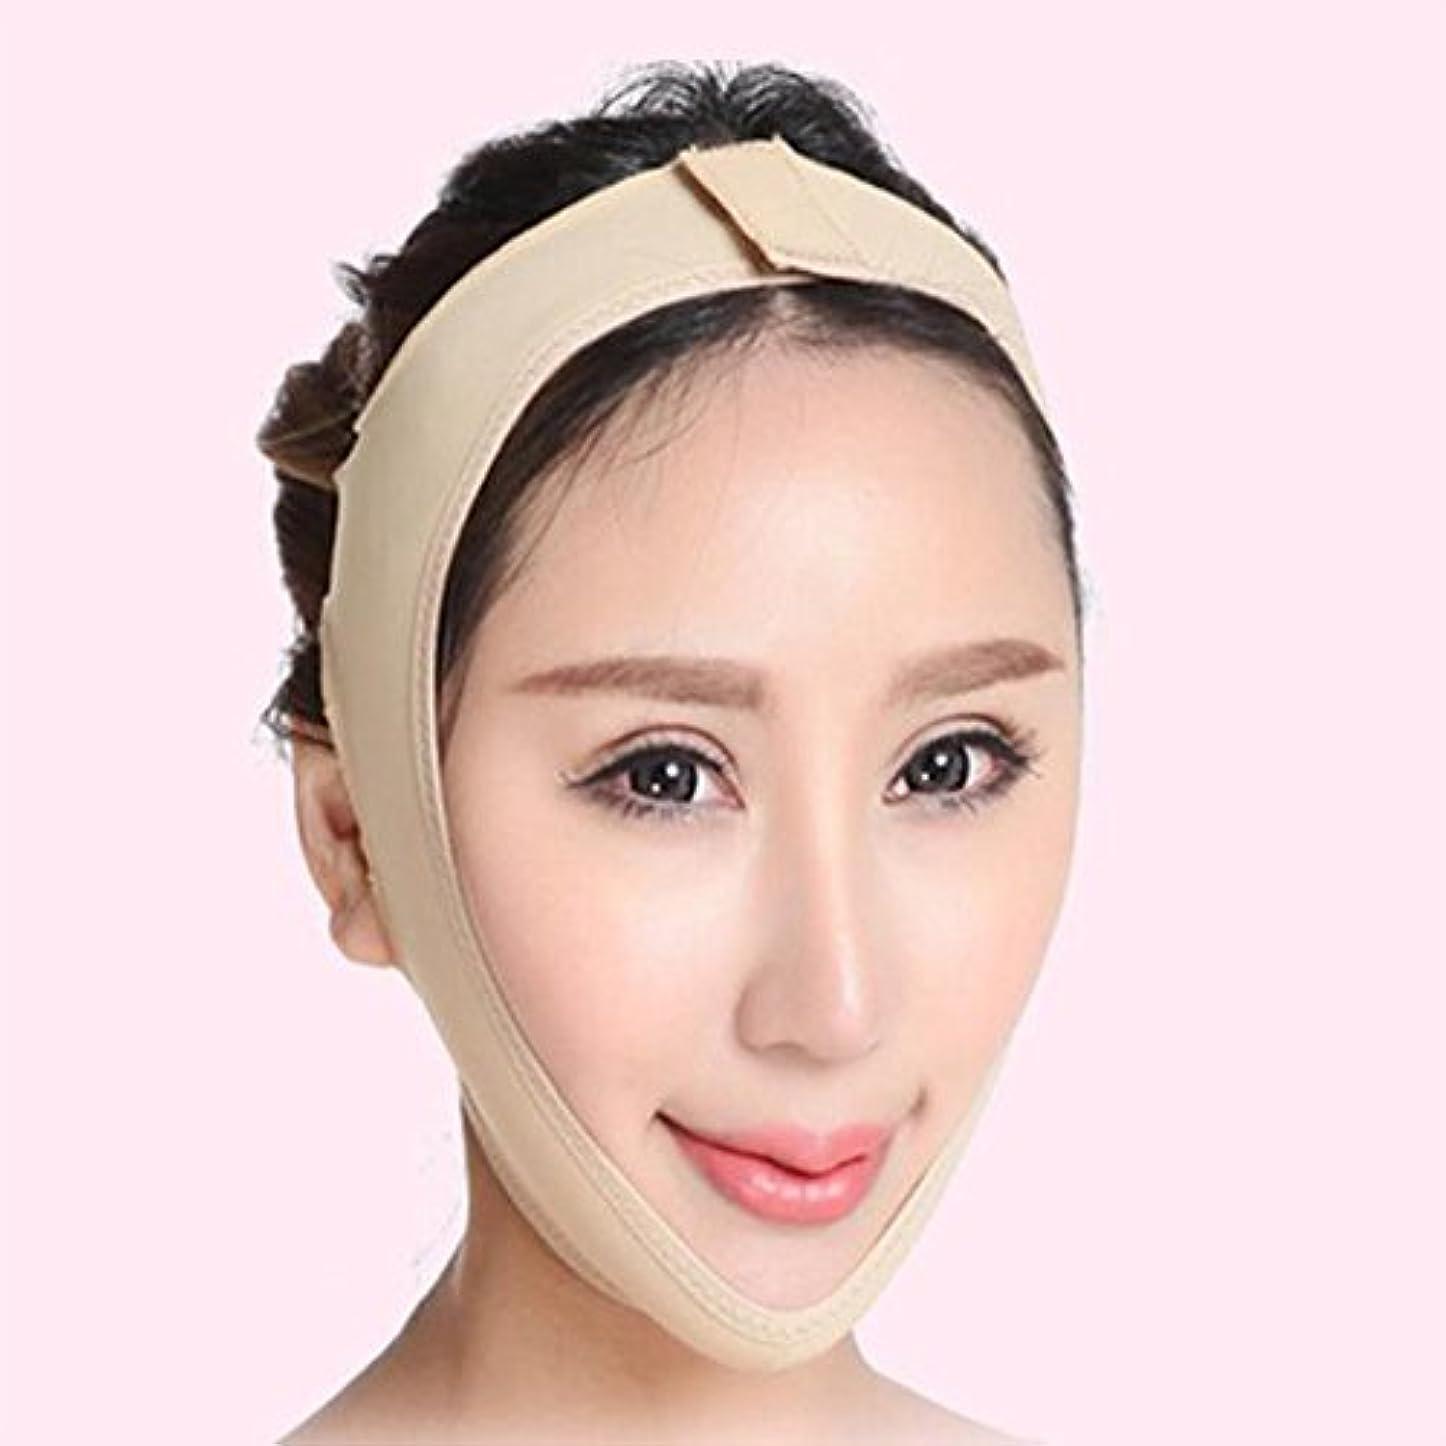 同級生ヒロイン乱気流SD 小顔 小顔マスク リフトアップ マスク フェイスライン 矯正 あご シャープ メンズ レディース Lサイズ AZD15003-L